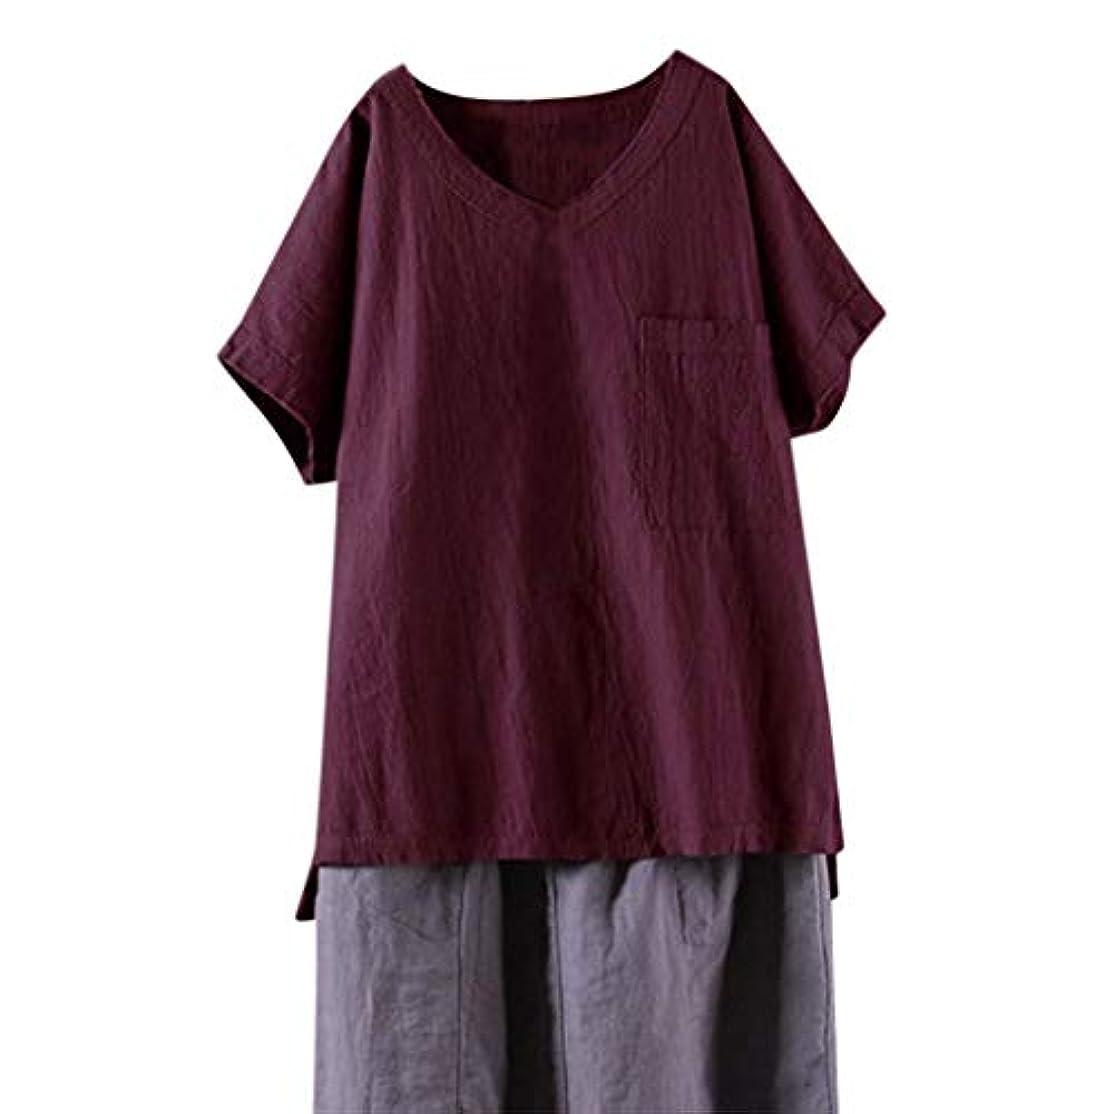 夏の緩い女性のコットンリネンヴィンテージソリッドVネック半袖トップス - カジュアルレディースポケットTシャツドレスサイズS-2 XL (ワインレッド, L)